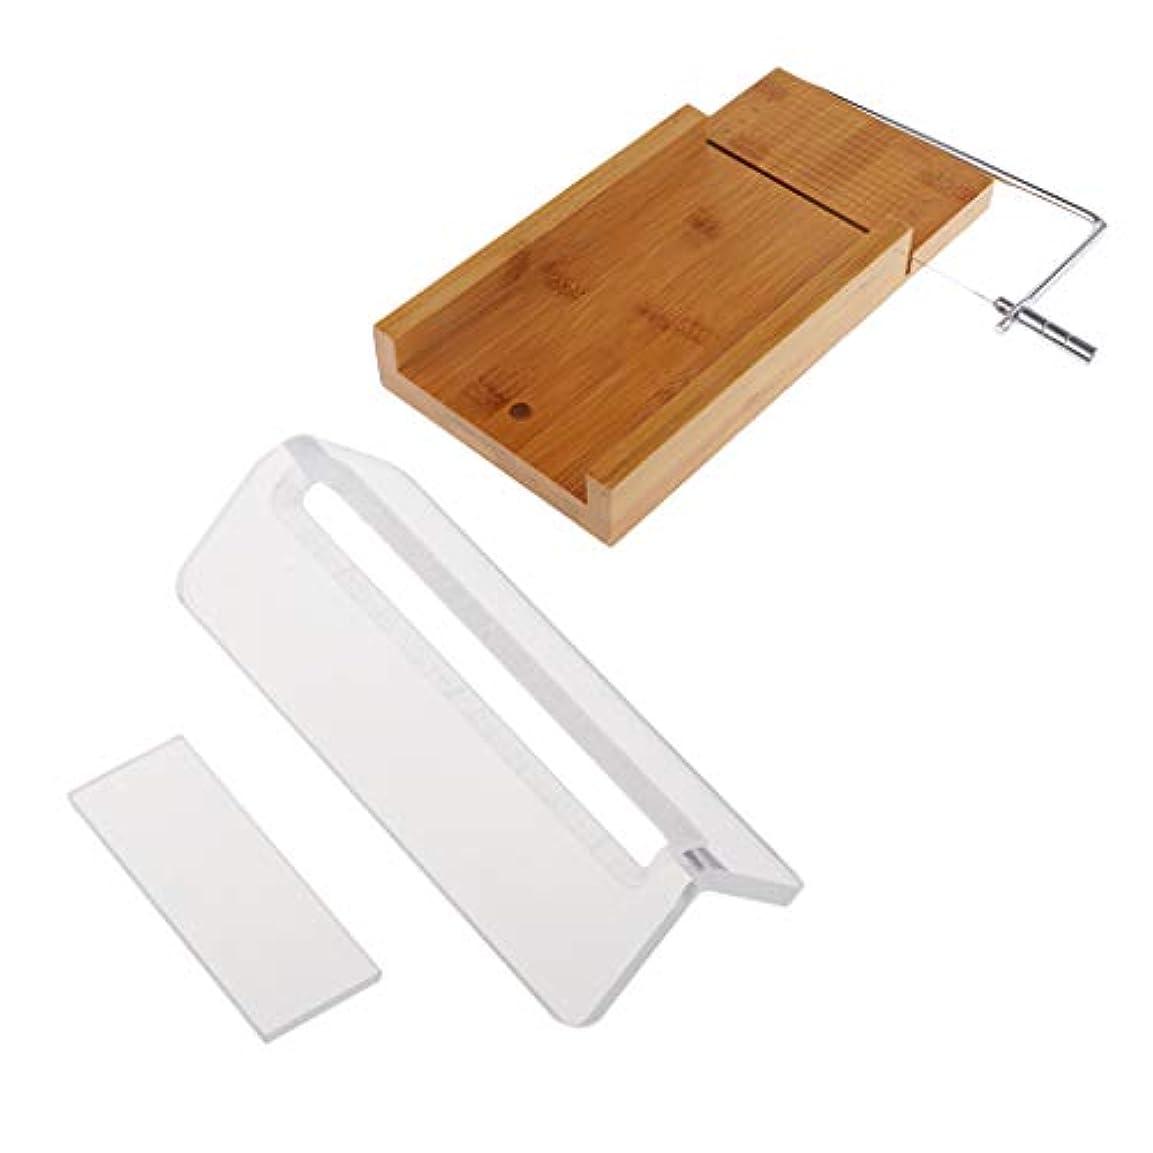 コメント前兆有力者Hellery 石鹸カッター 木製 ローフカッター チーズカッター ソープカッター ステンレス鋼線 2個入り